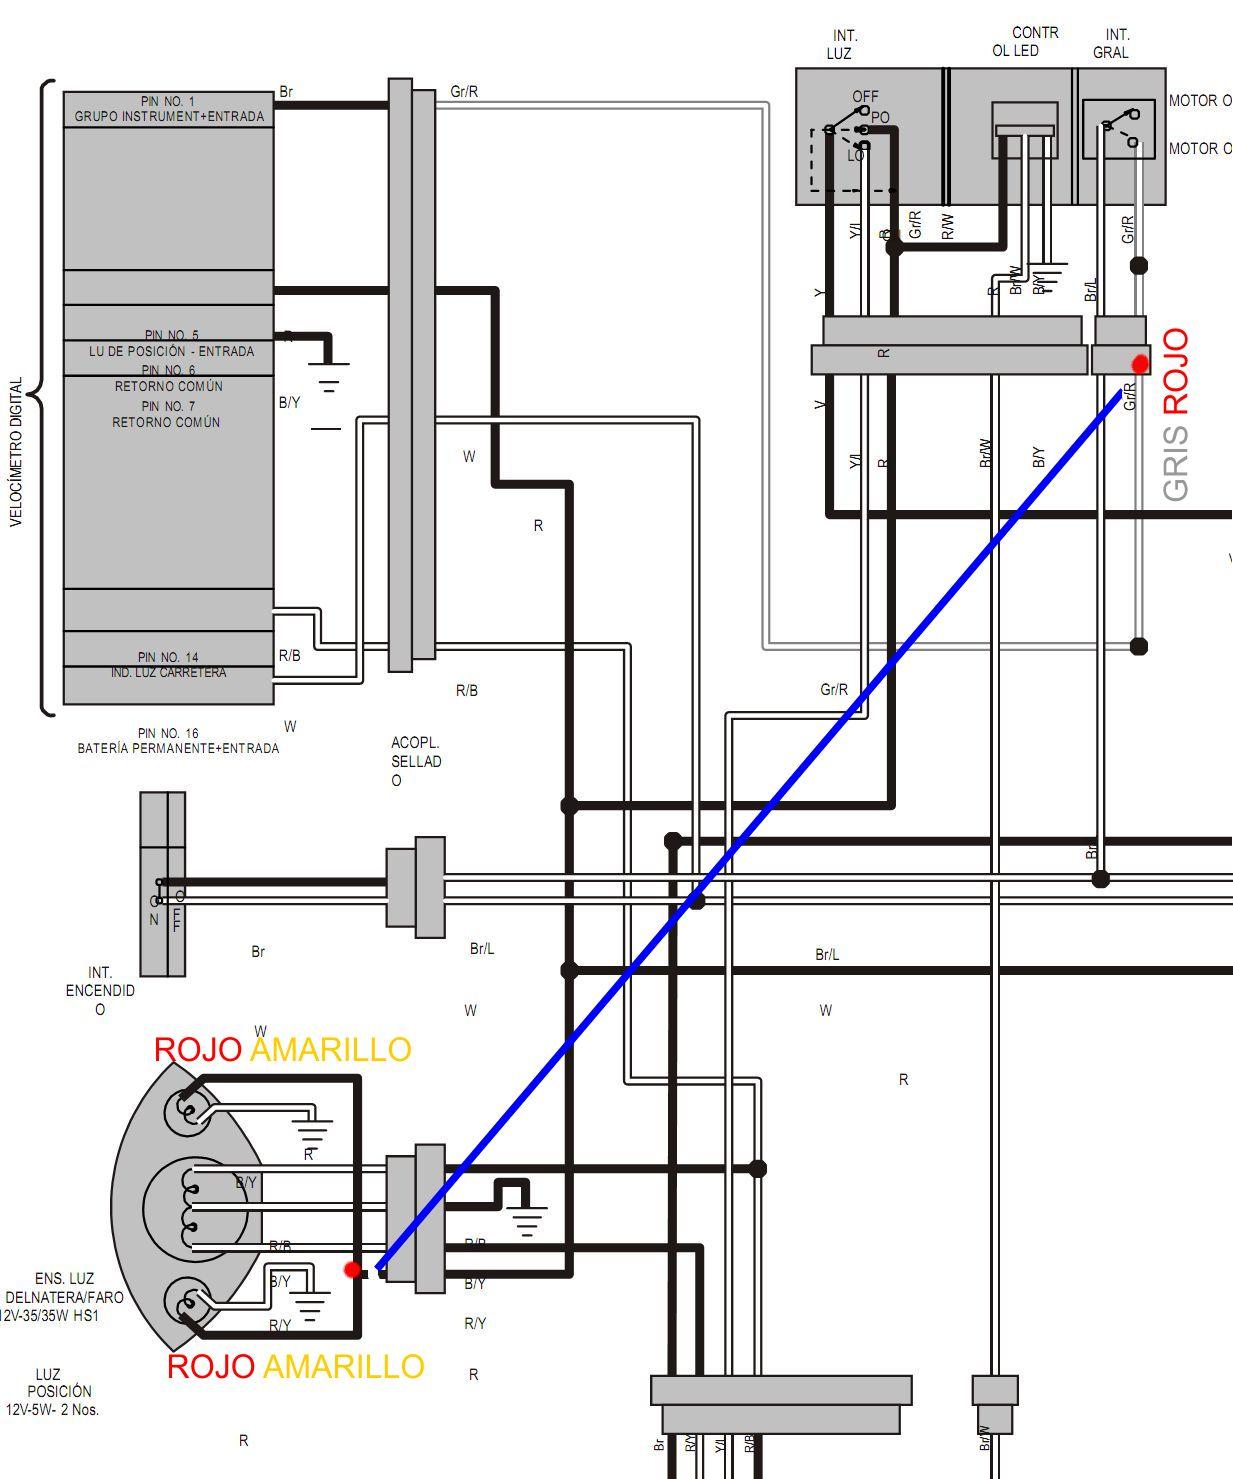 Corte de corriente para las luces  2jbr47k